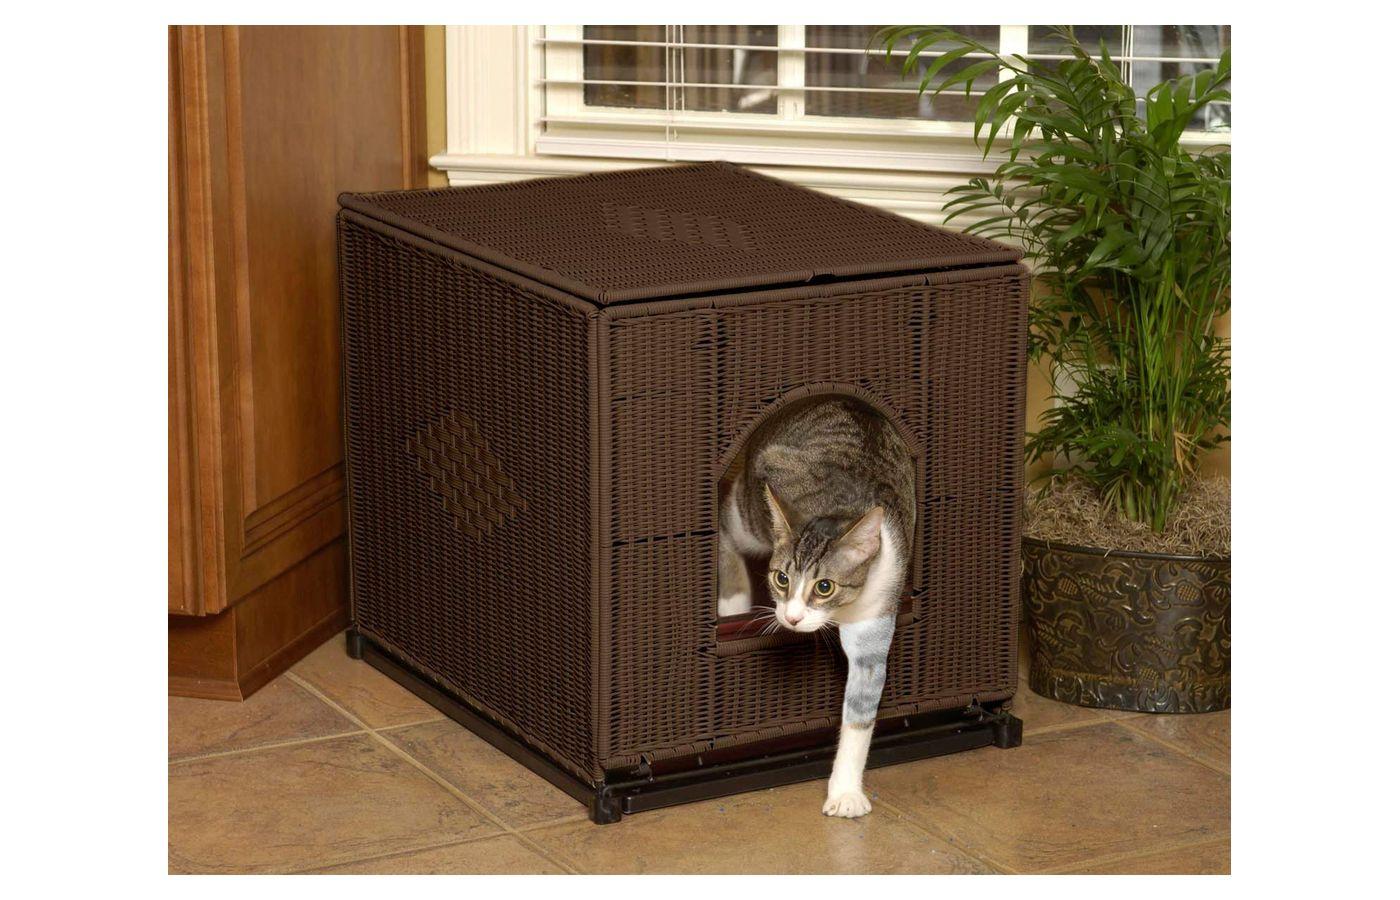 PetSafe Solvit Mr. Herzher's Cat Litter Pan Cover